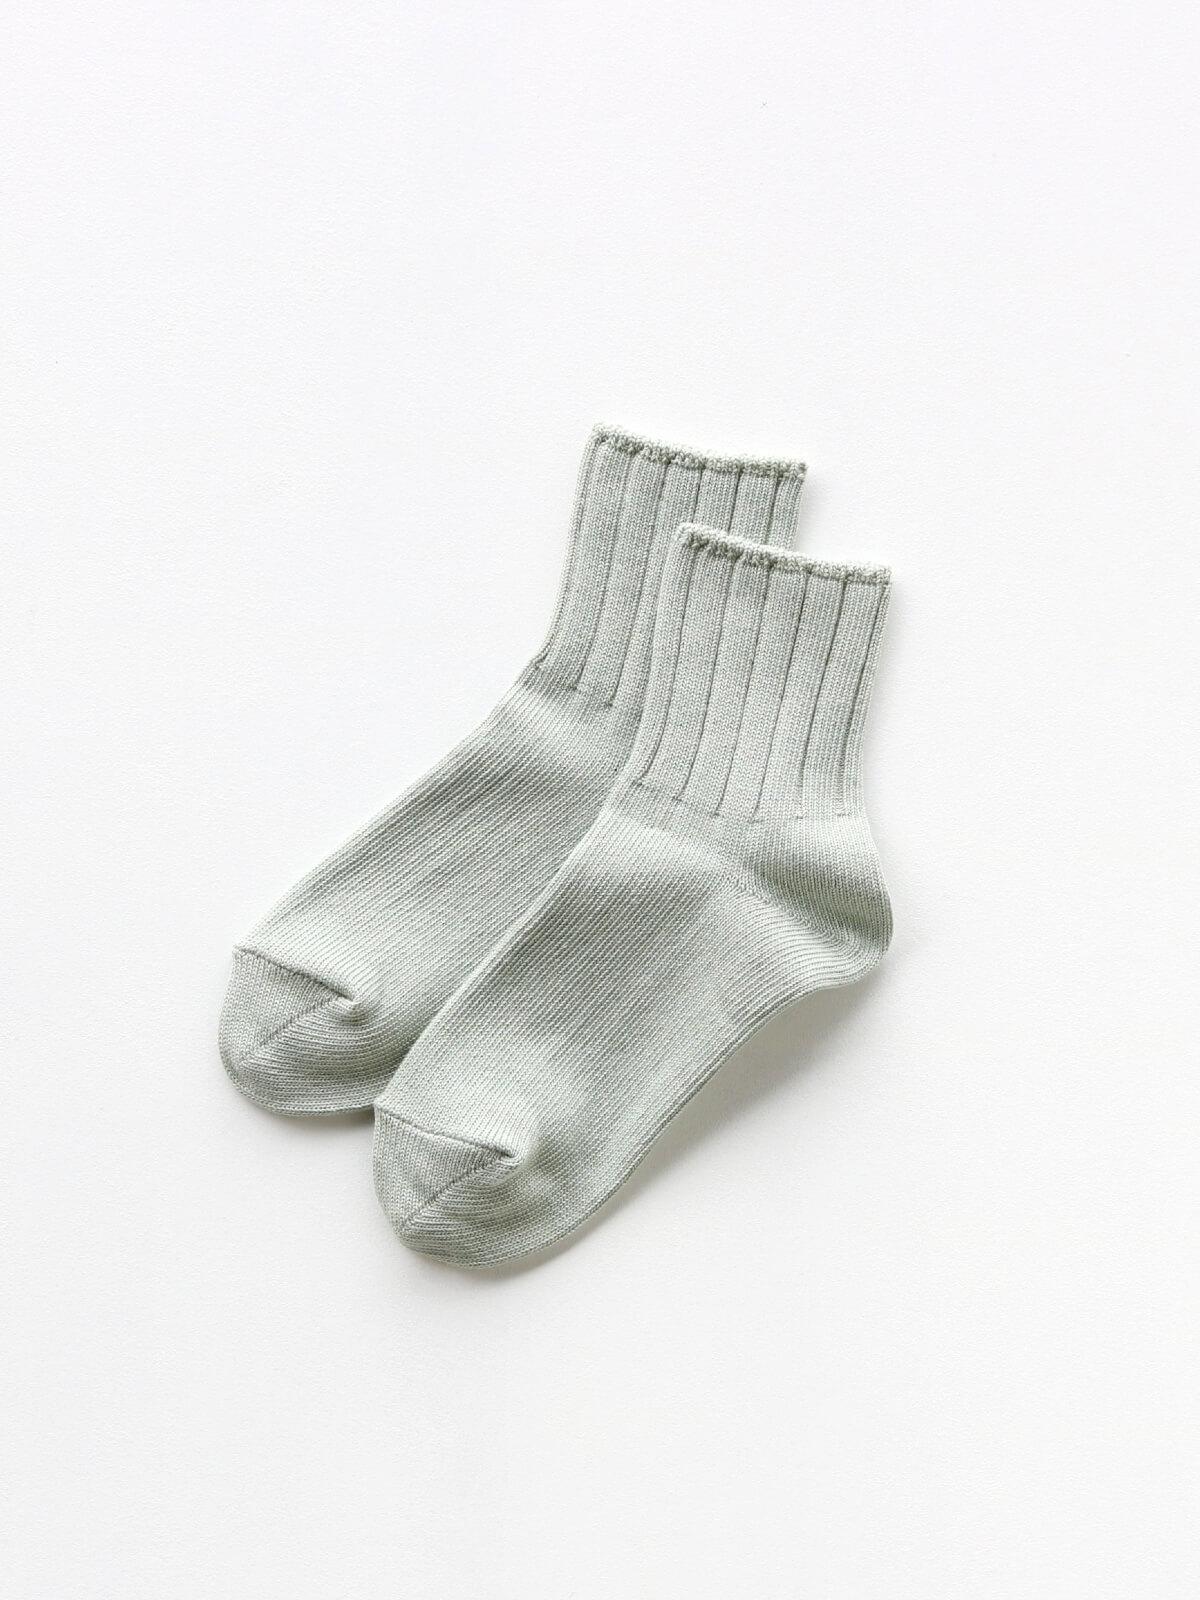 当たりつきギフト専用靴下のLUCKY SOCKS(ラッキーソックス)のSmooth Ankle Socks(スムースアンクルソックス)のペールミント_2